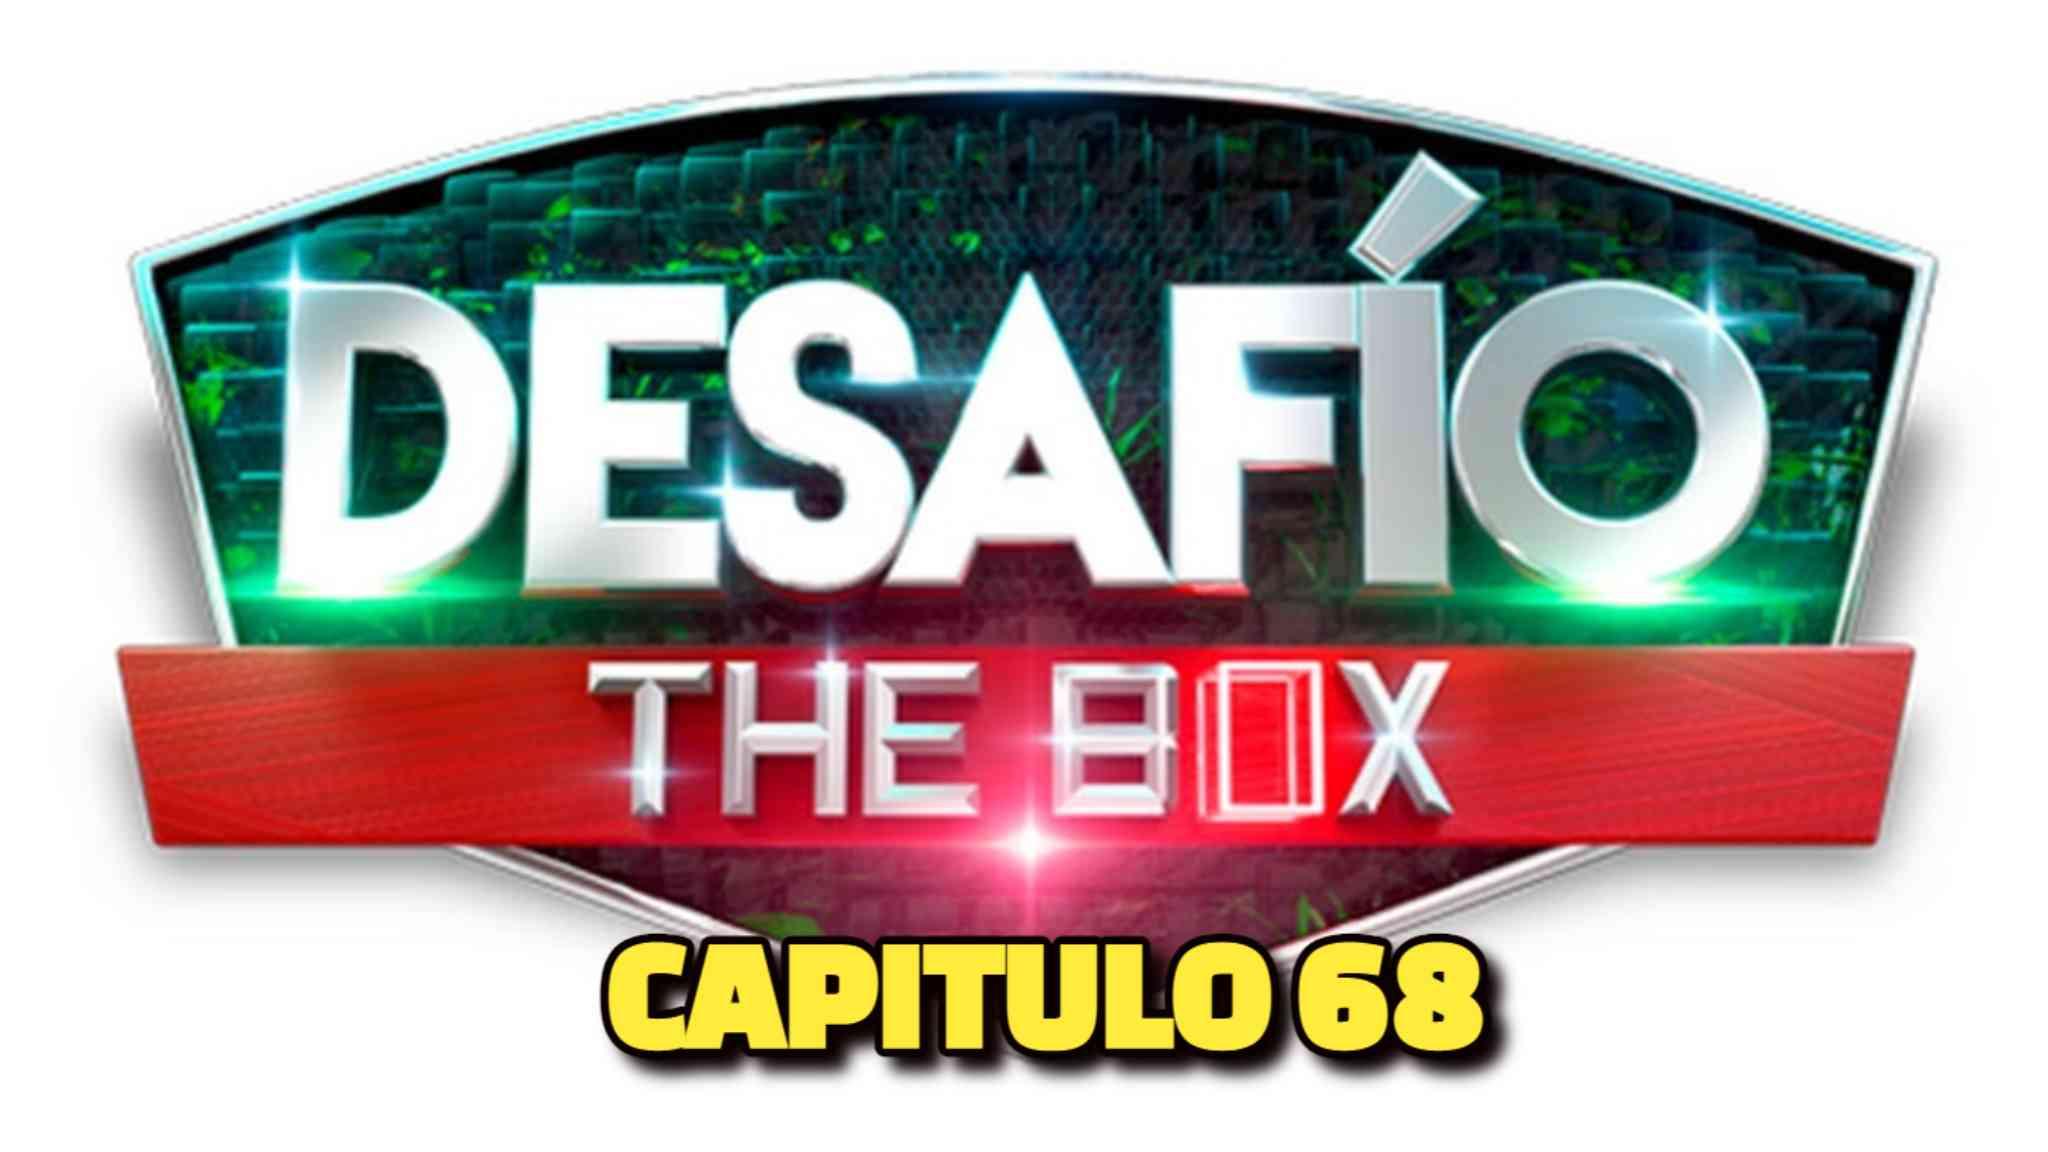 Desafio The Box 2021 CAPITULO 68